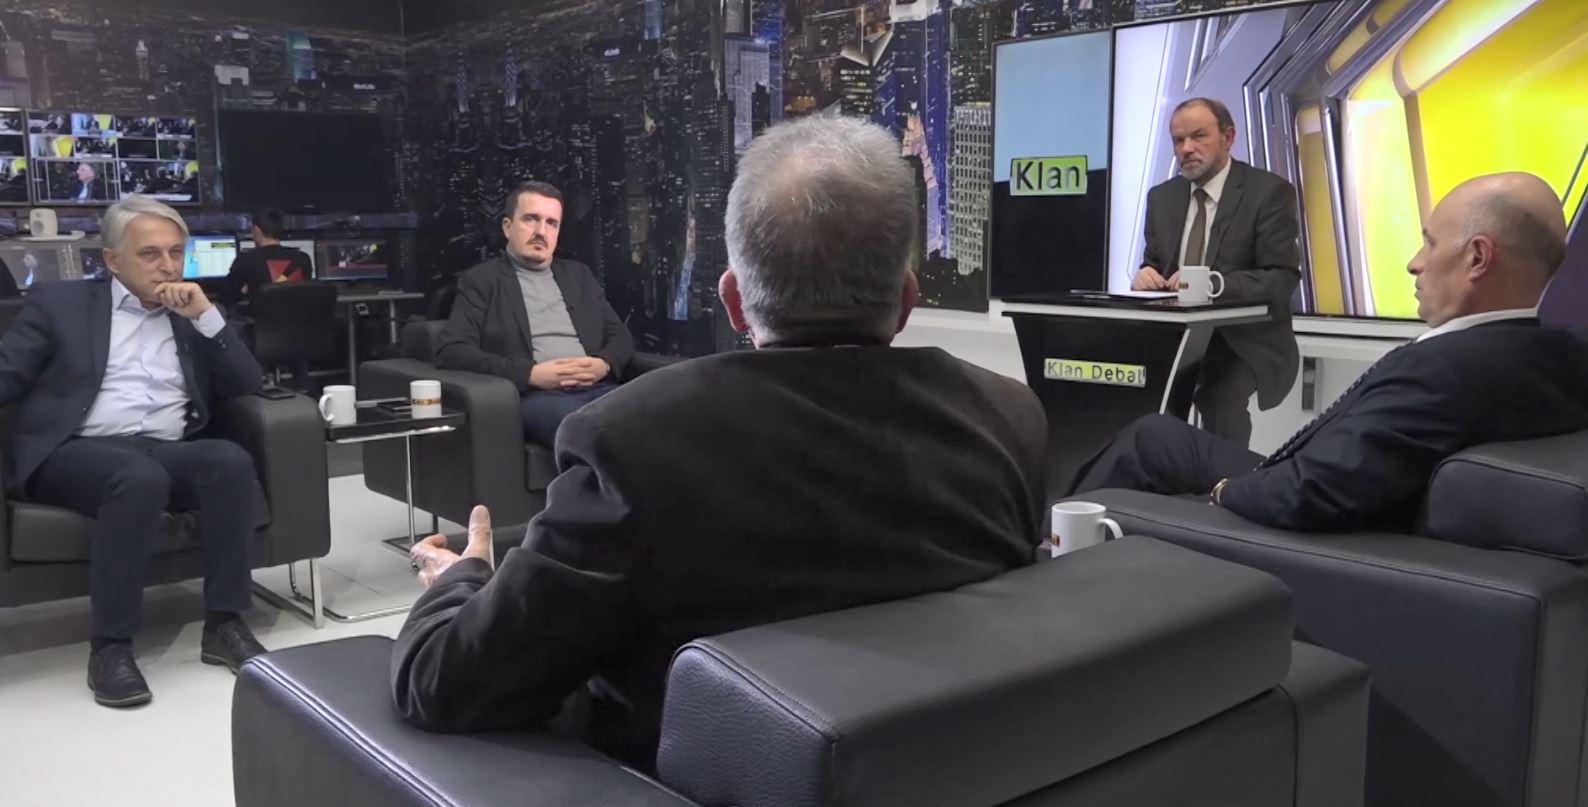 Sfidat e Maqedonisë, analistët: Gjithçka varet nga Marrëveshja e Prespës